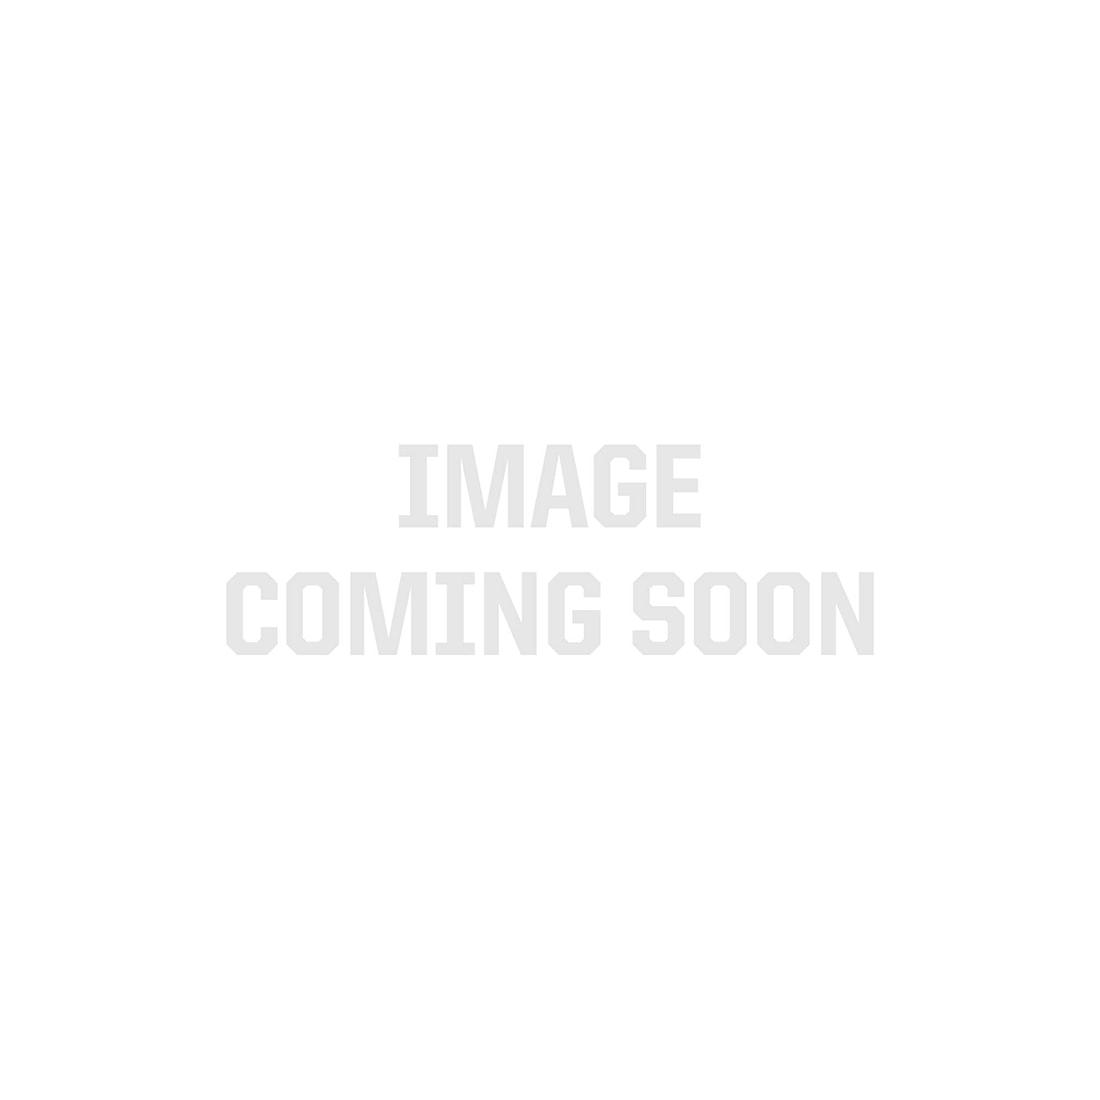 Soft White 3528 LED Strip Light, 60/m, 4mm wide, Sample Kit